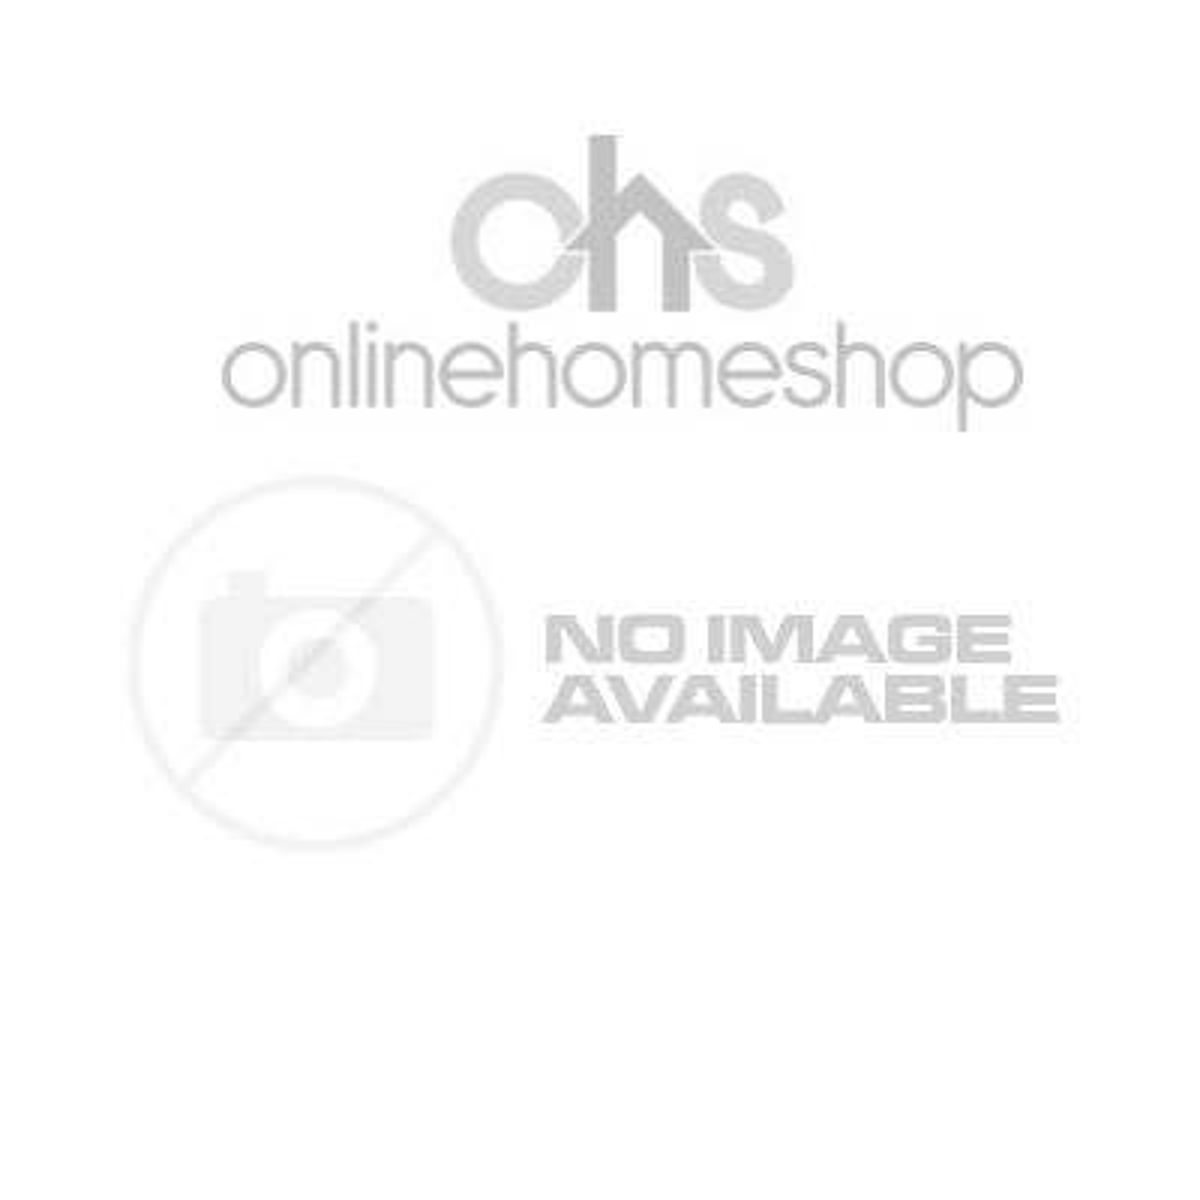 Deluxe Plush Soft Throw 120x150cm Navy